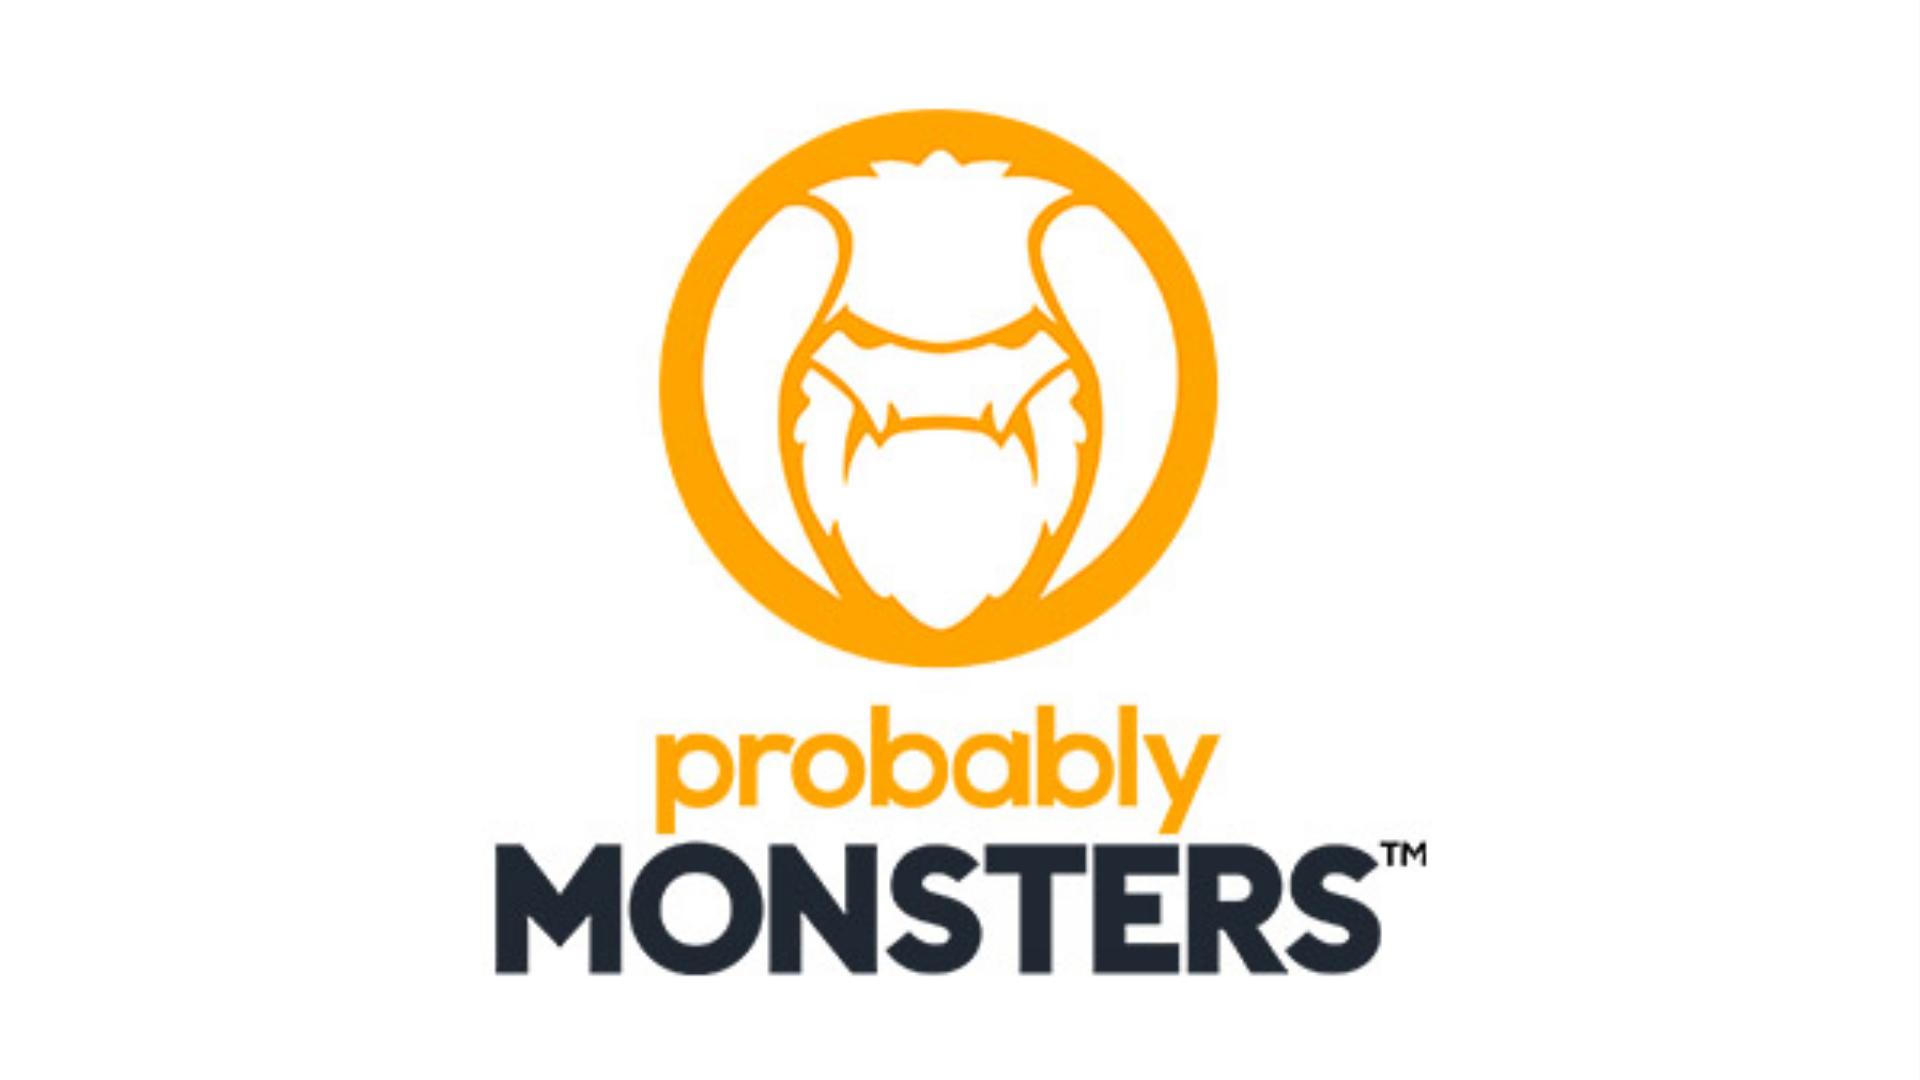 ProbablyMonsters opens third studio to develop next-gen RPG